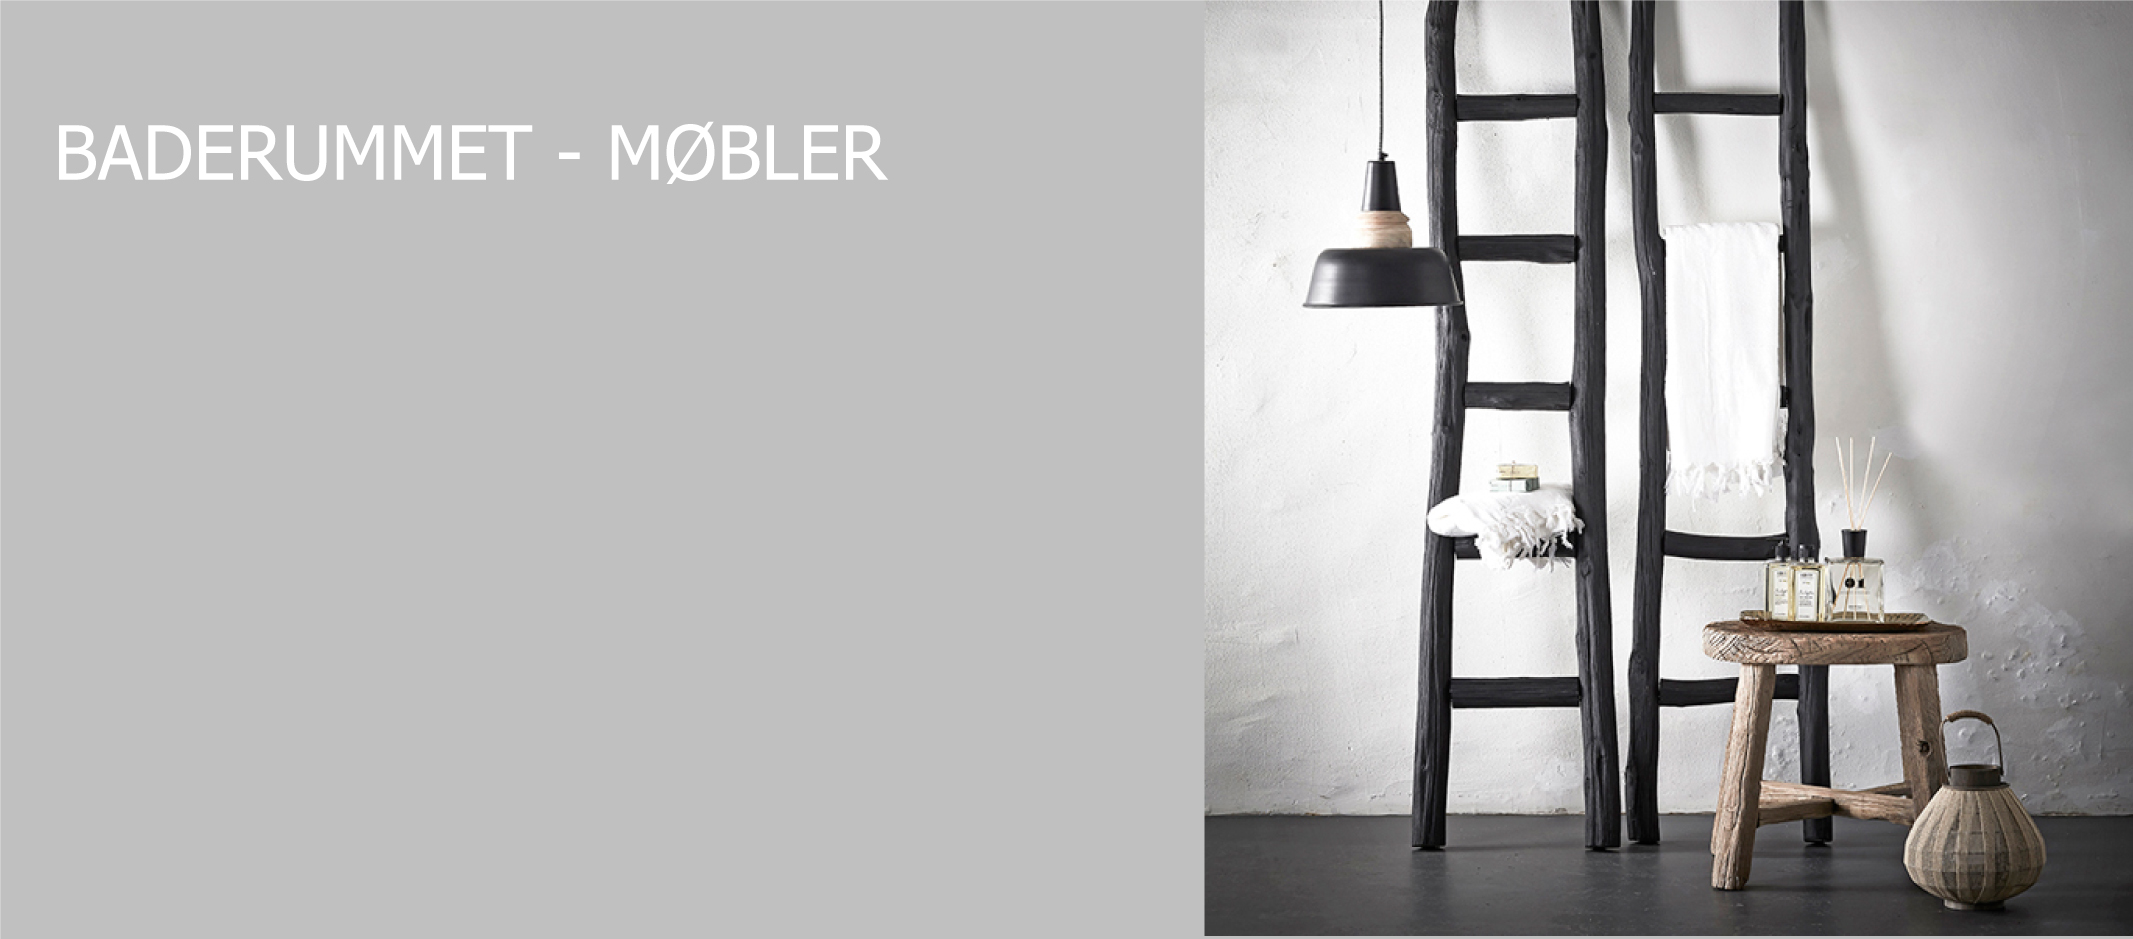 Baderum_Moebler